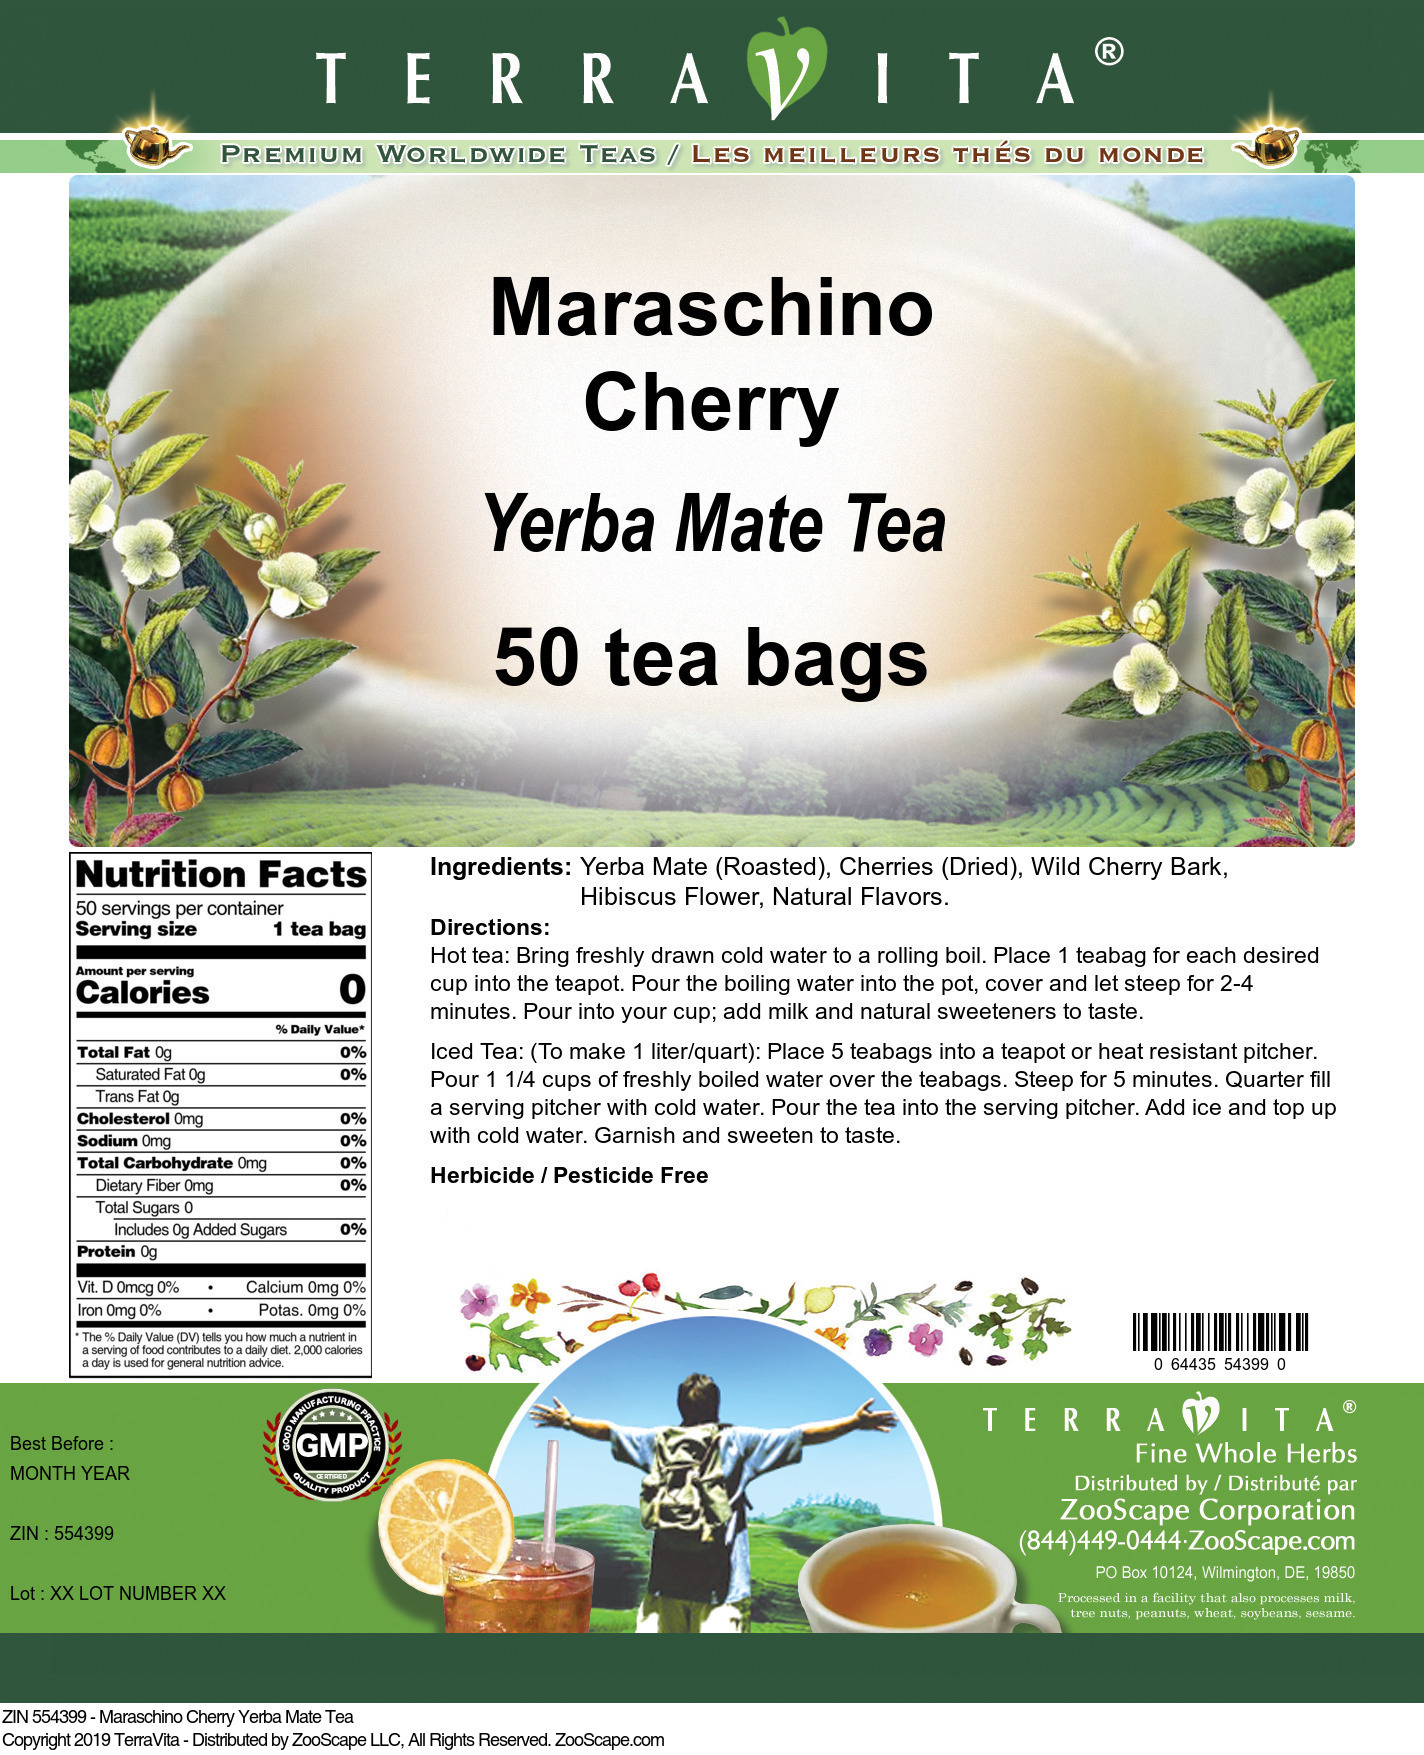 Maraschino Cherry Yerba Mate Tea